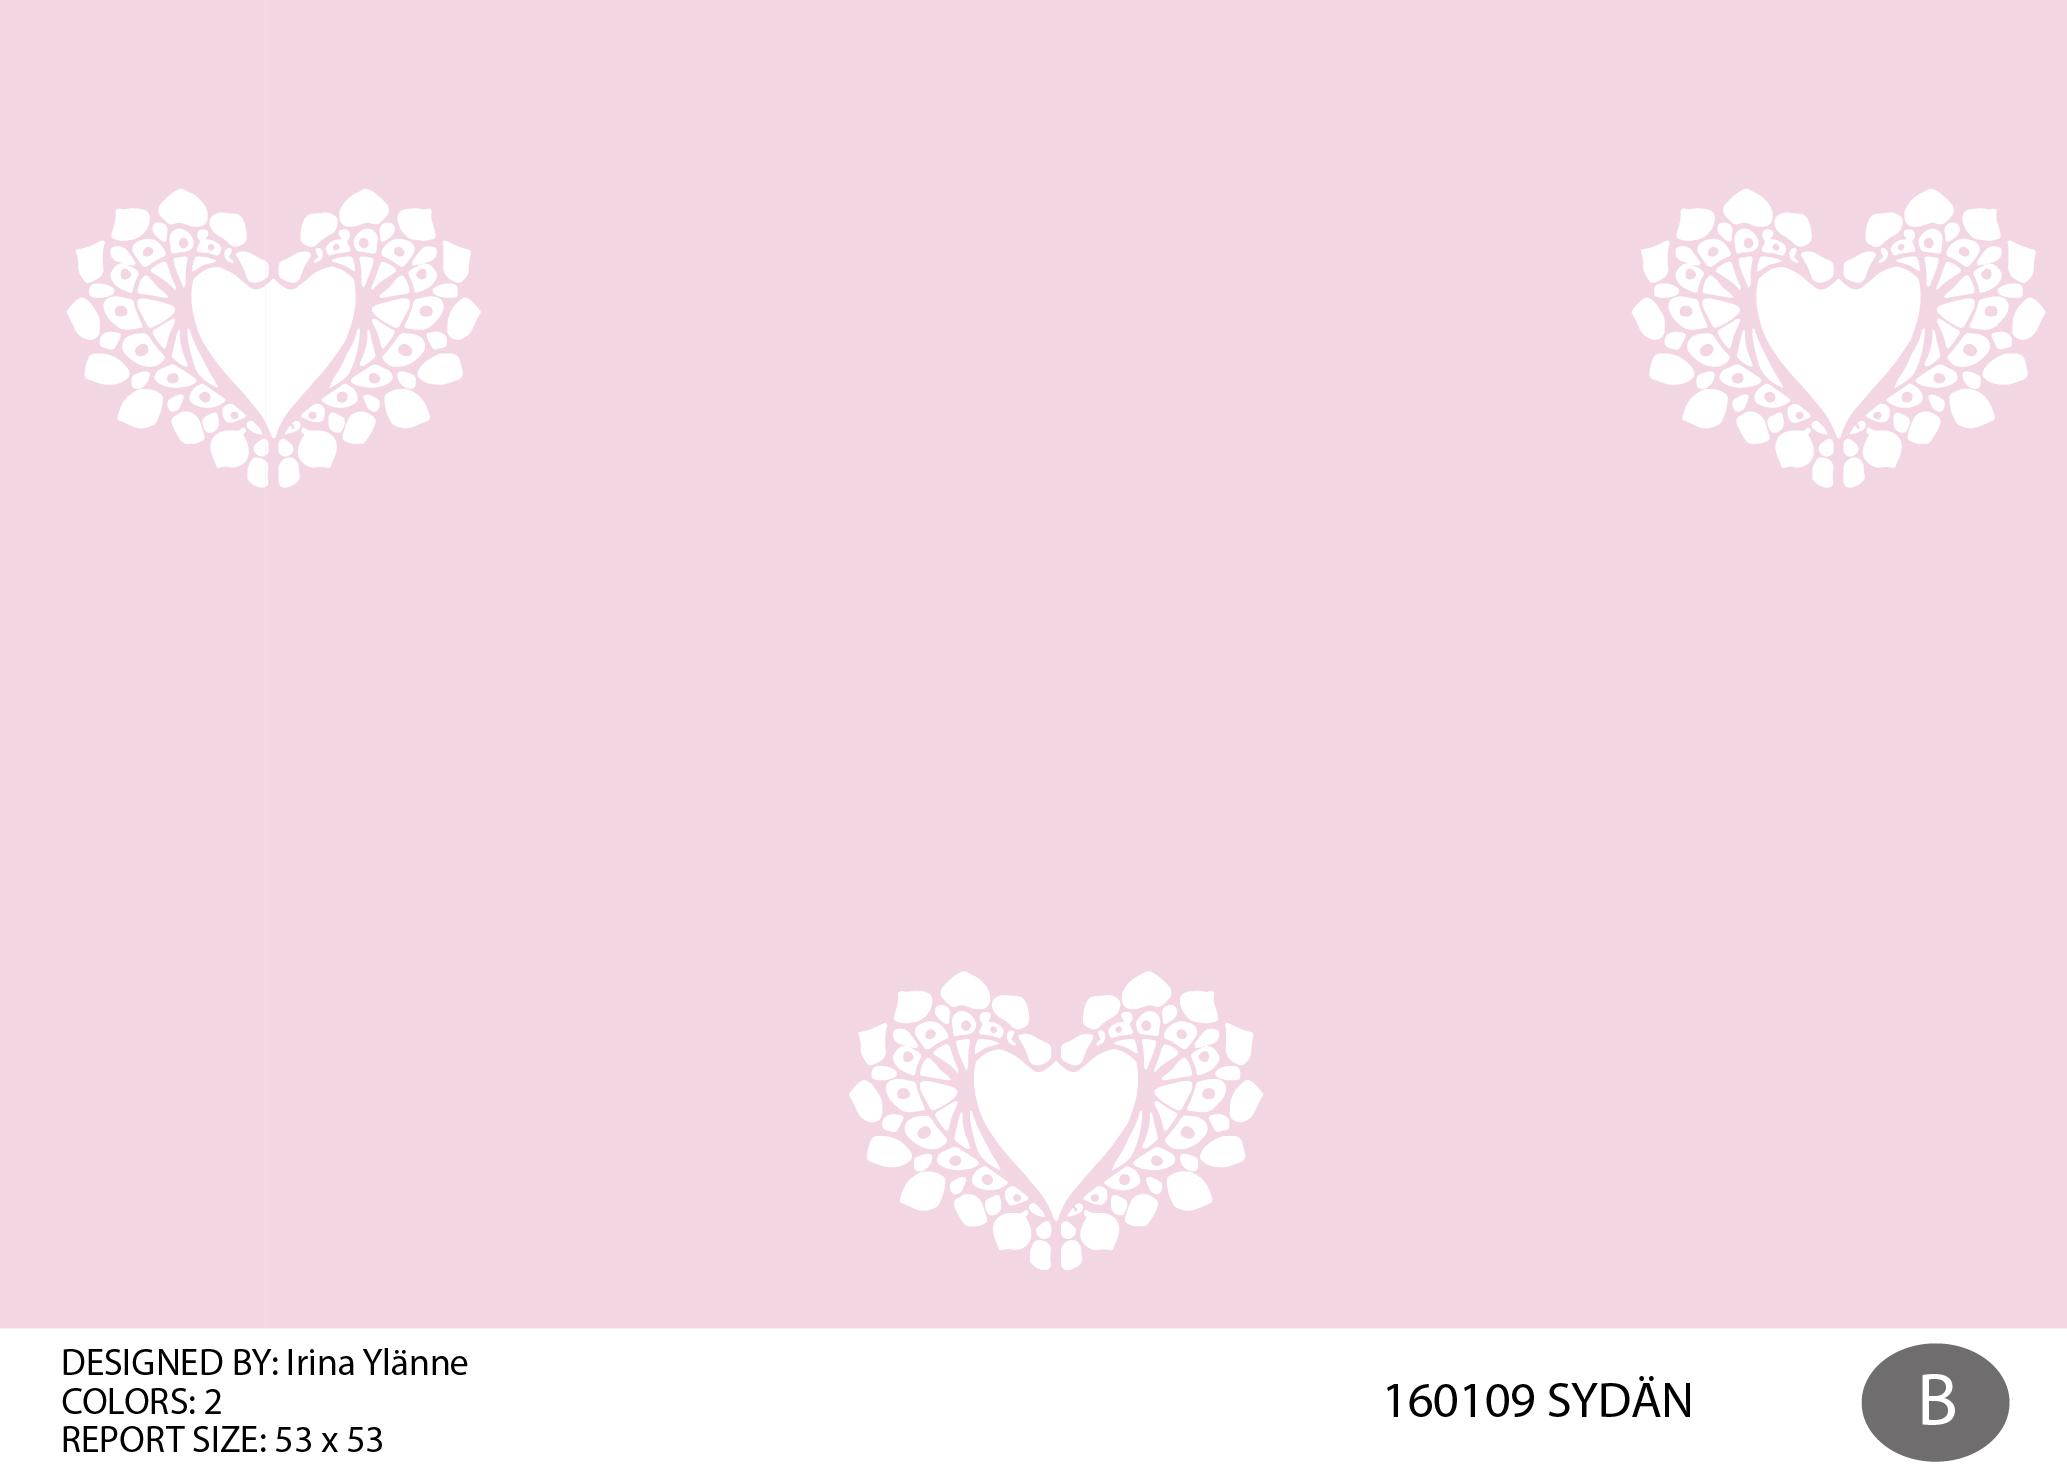 irina_SYDÄN_160109-01